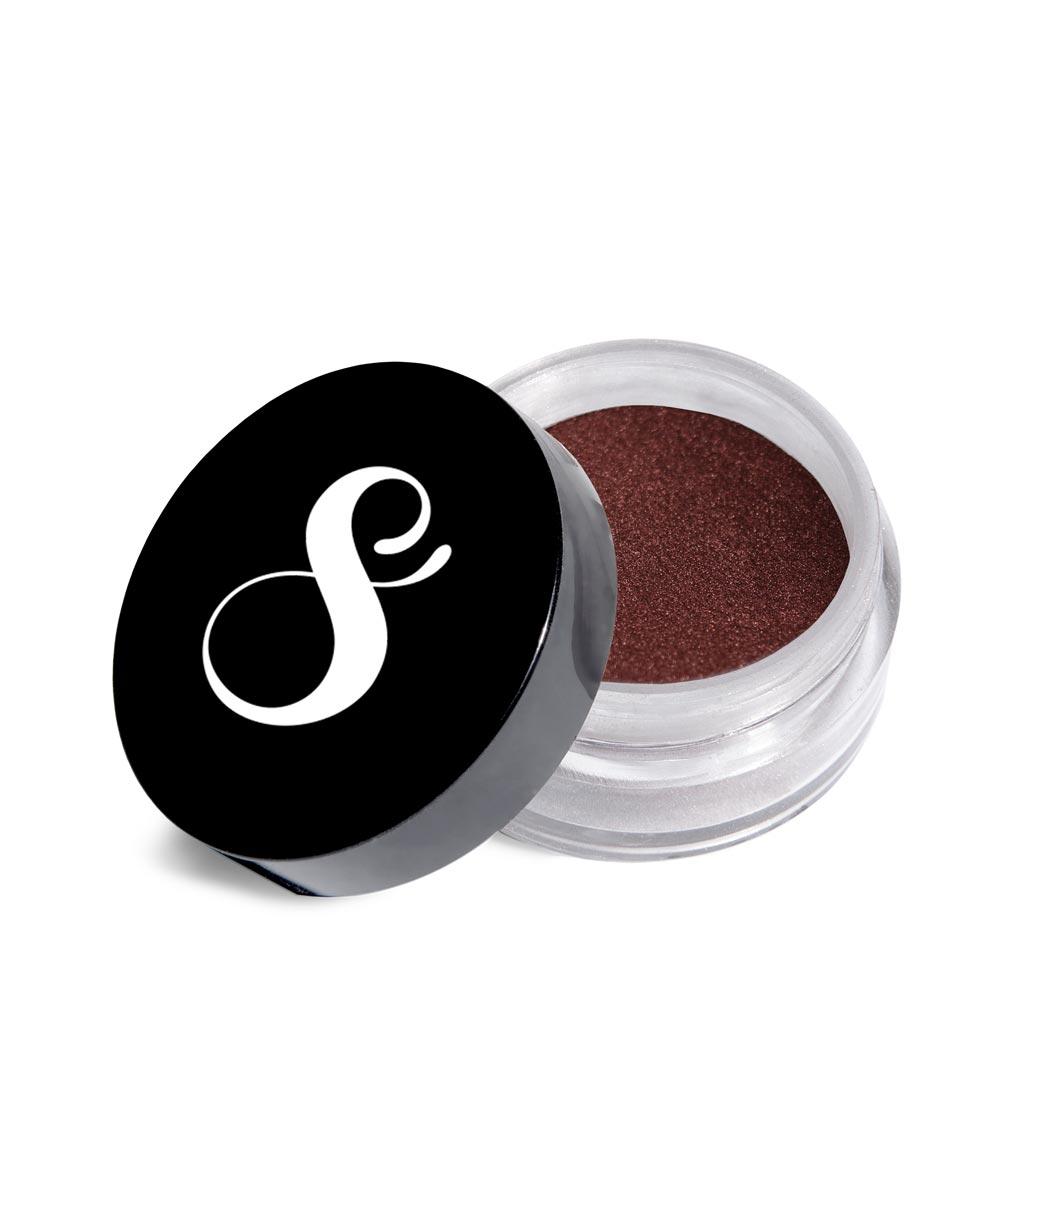 Asa de Borboleta Pigmento Suelen Makeup Cor S56  - SUELEN MAKEUP